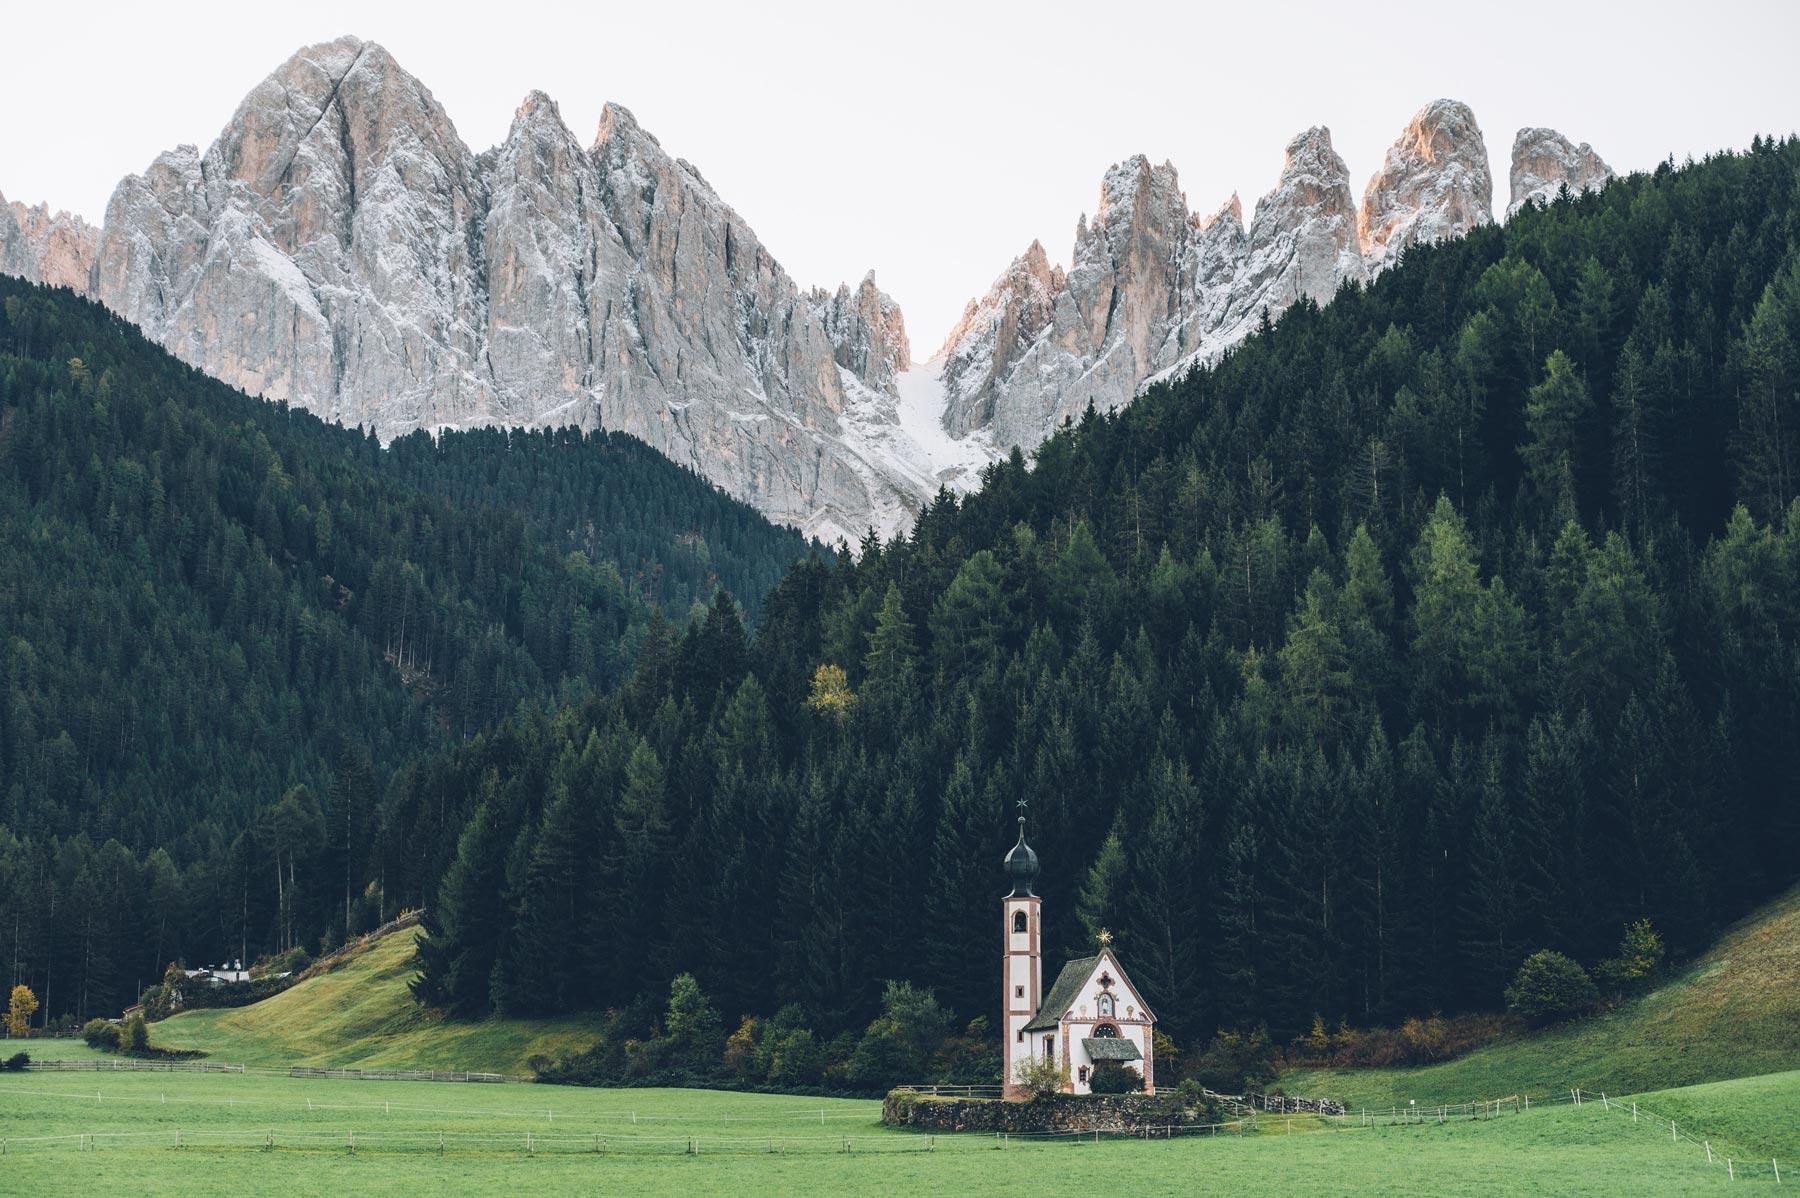 Eglise Dolomite, Santa Maddalena